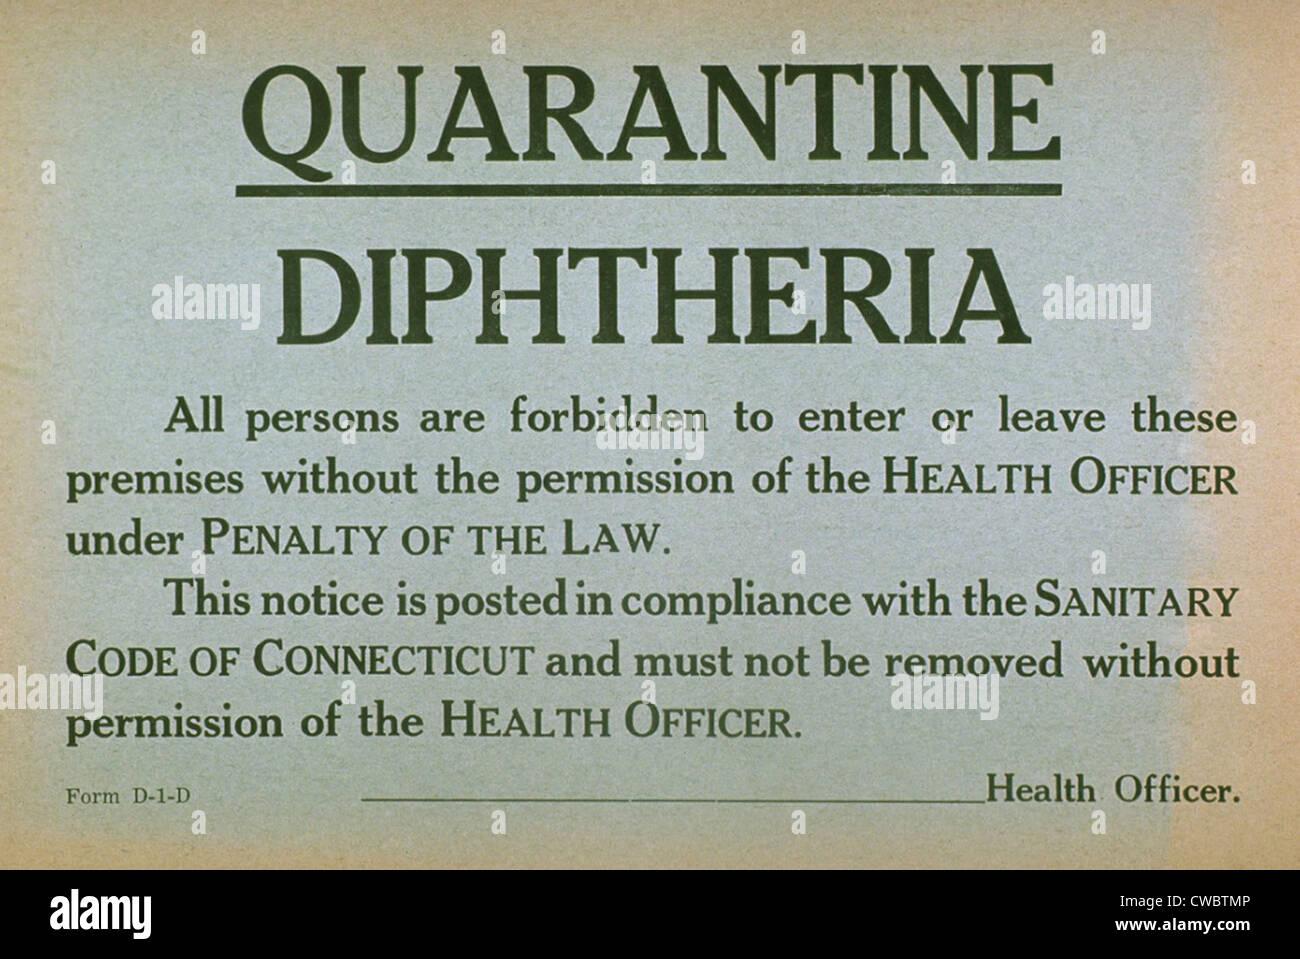 Nei primi anni del XX secolo segno di quarantena per la malattia contagiosa per la difterite. Immagini Stock